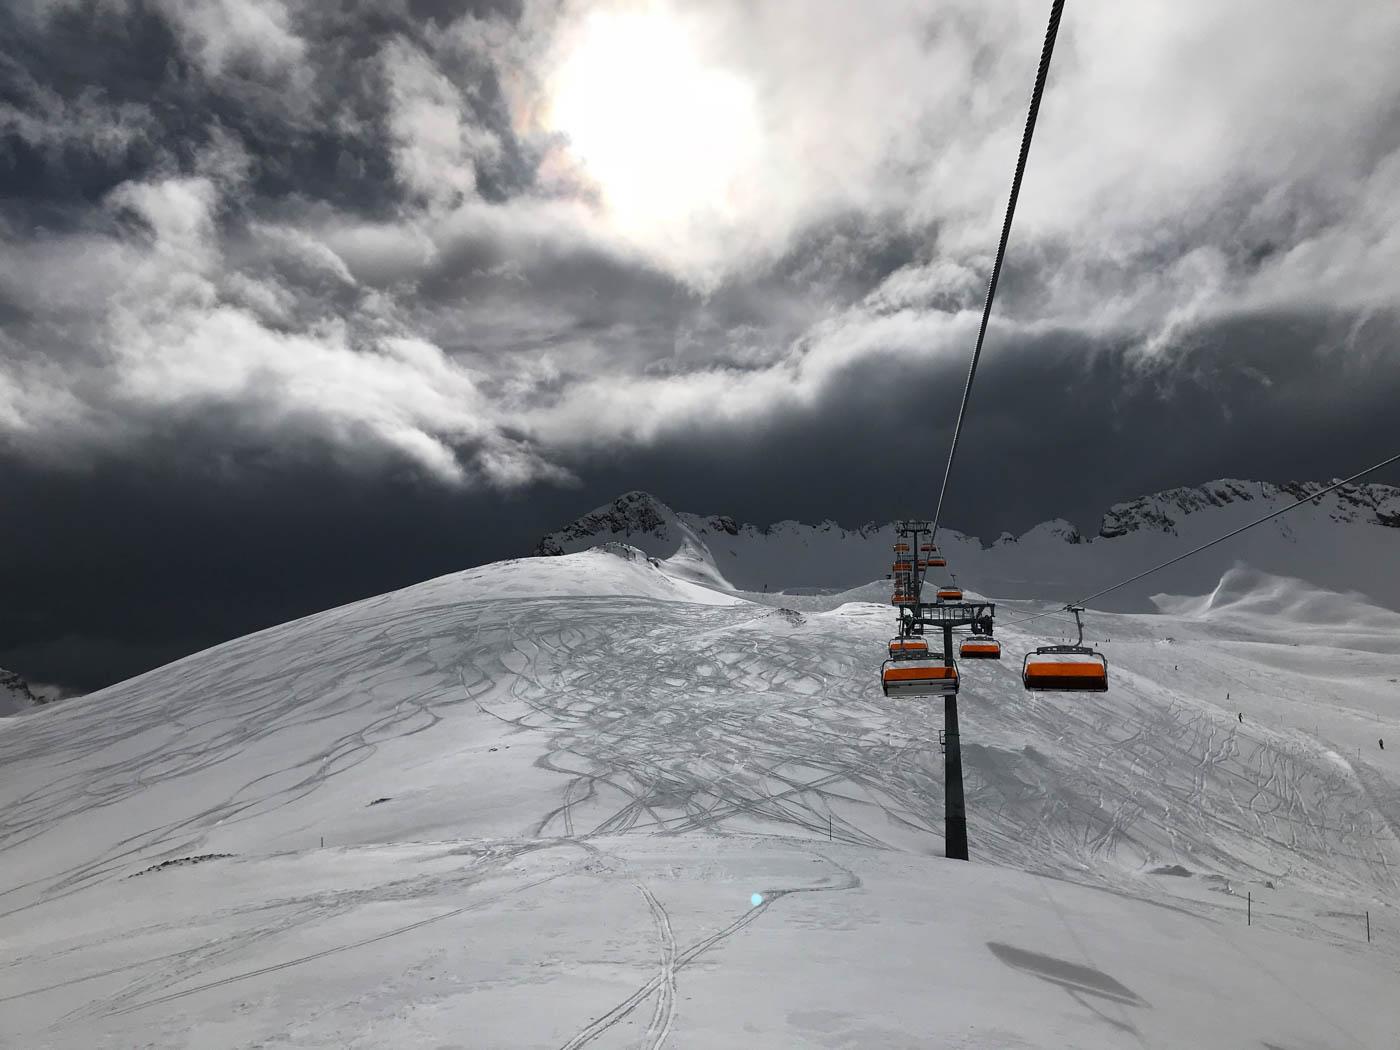 An der Zugspitze, Skifahren, Alpen, Föhn